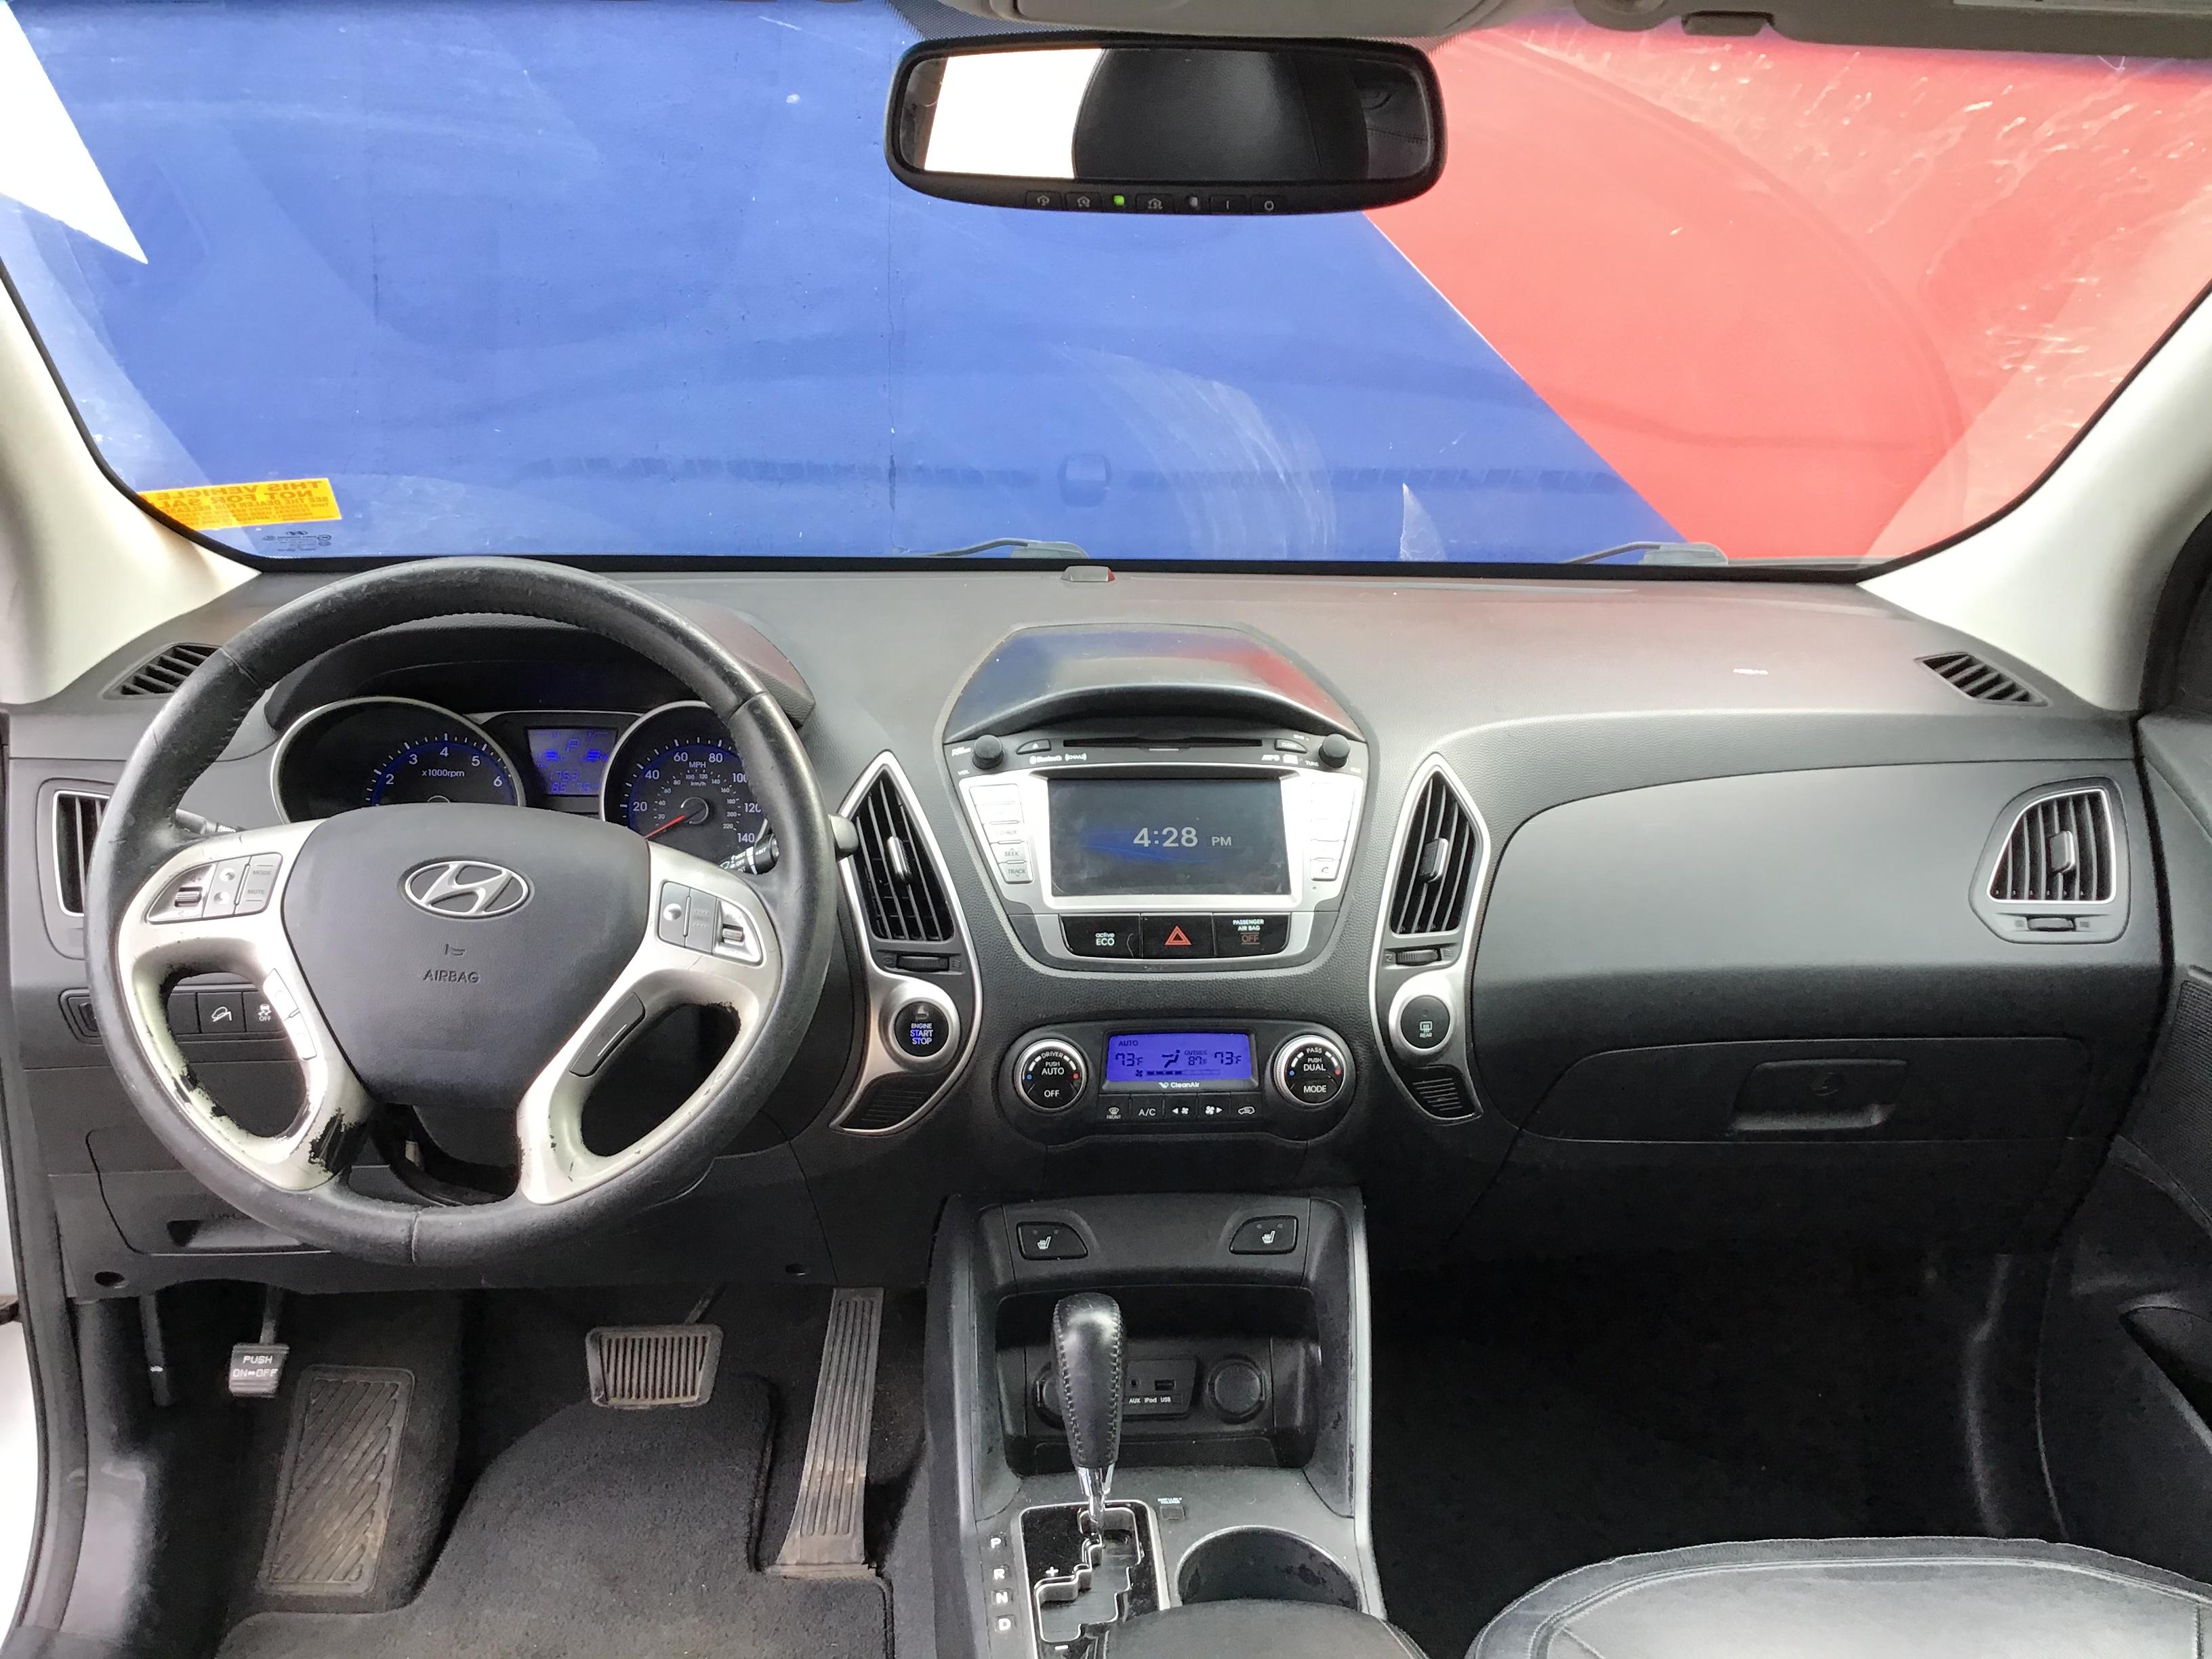 used vehicle - SUV HYUNDAI TUCSON 2013